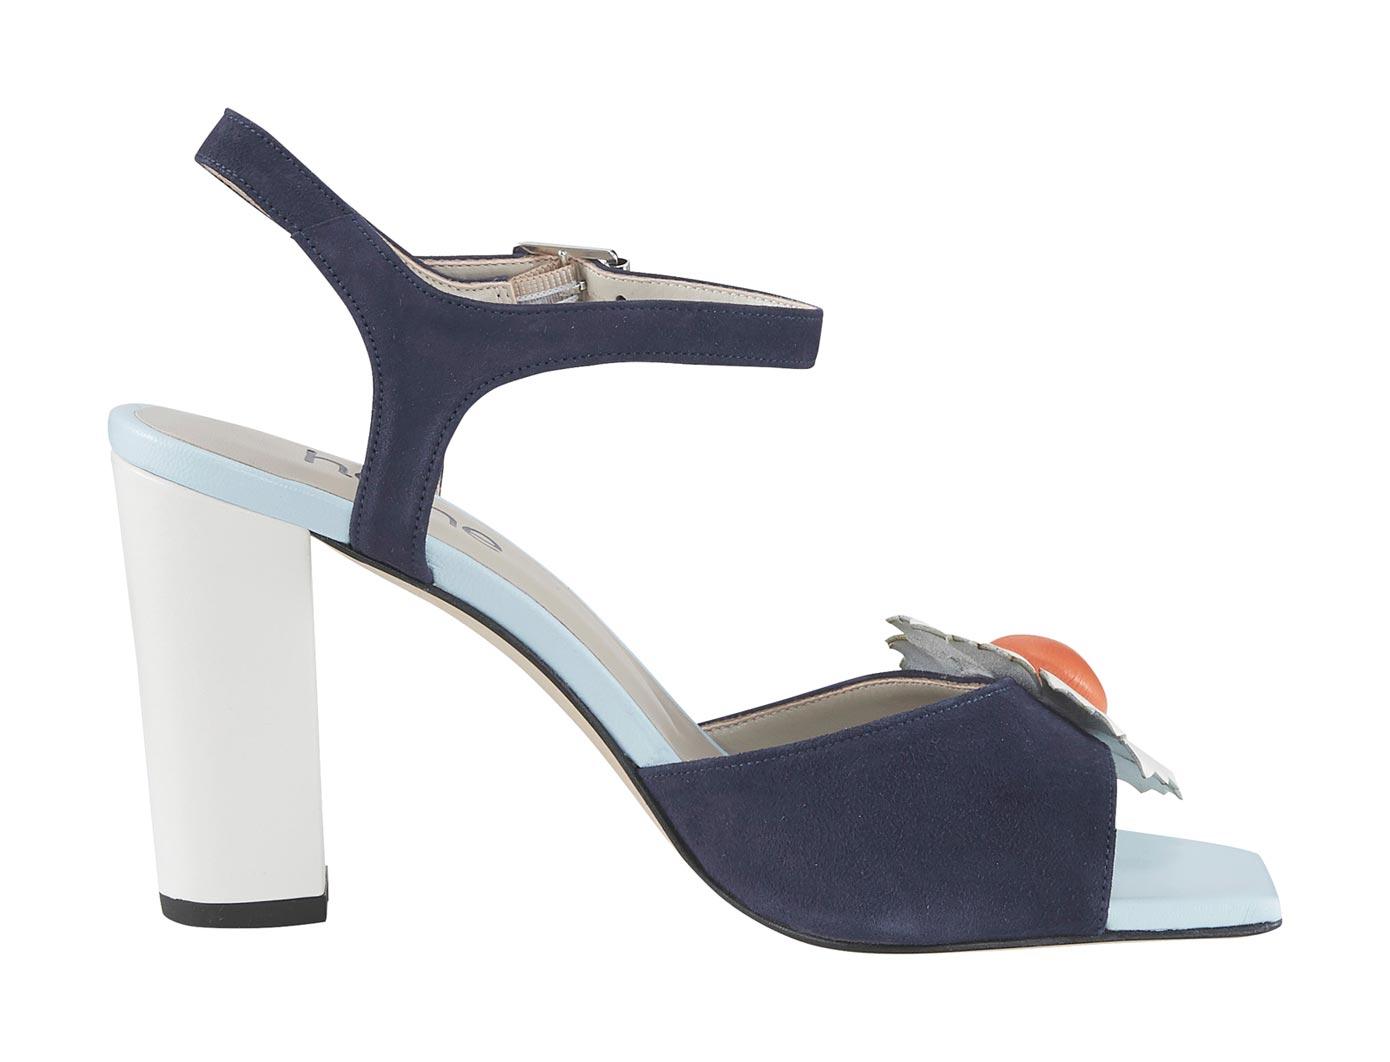 Sandalette blau Damen Sandaletten Sandalen